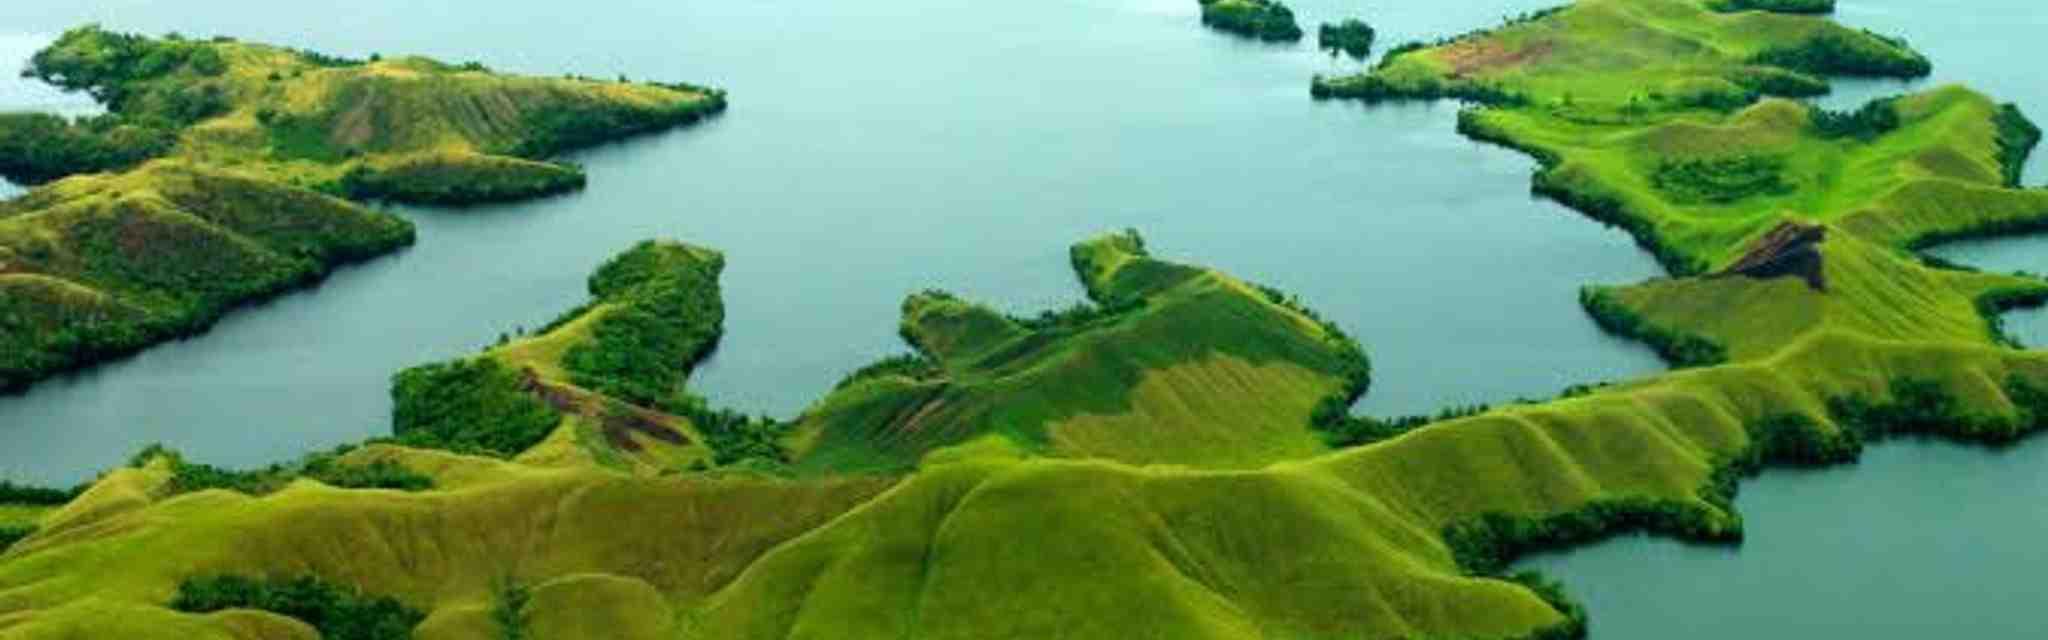 16 Keindahan Alam Indonesia Terbaik Dan Menakjubkan